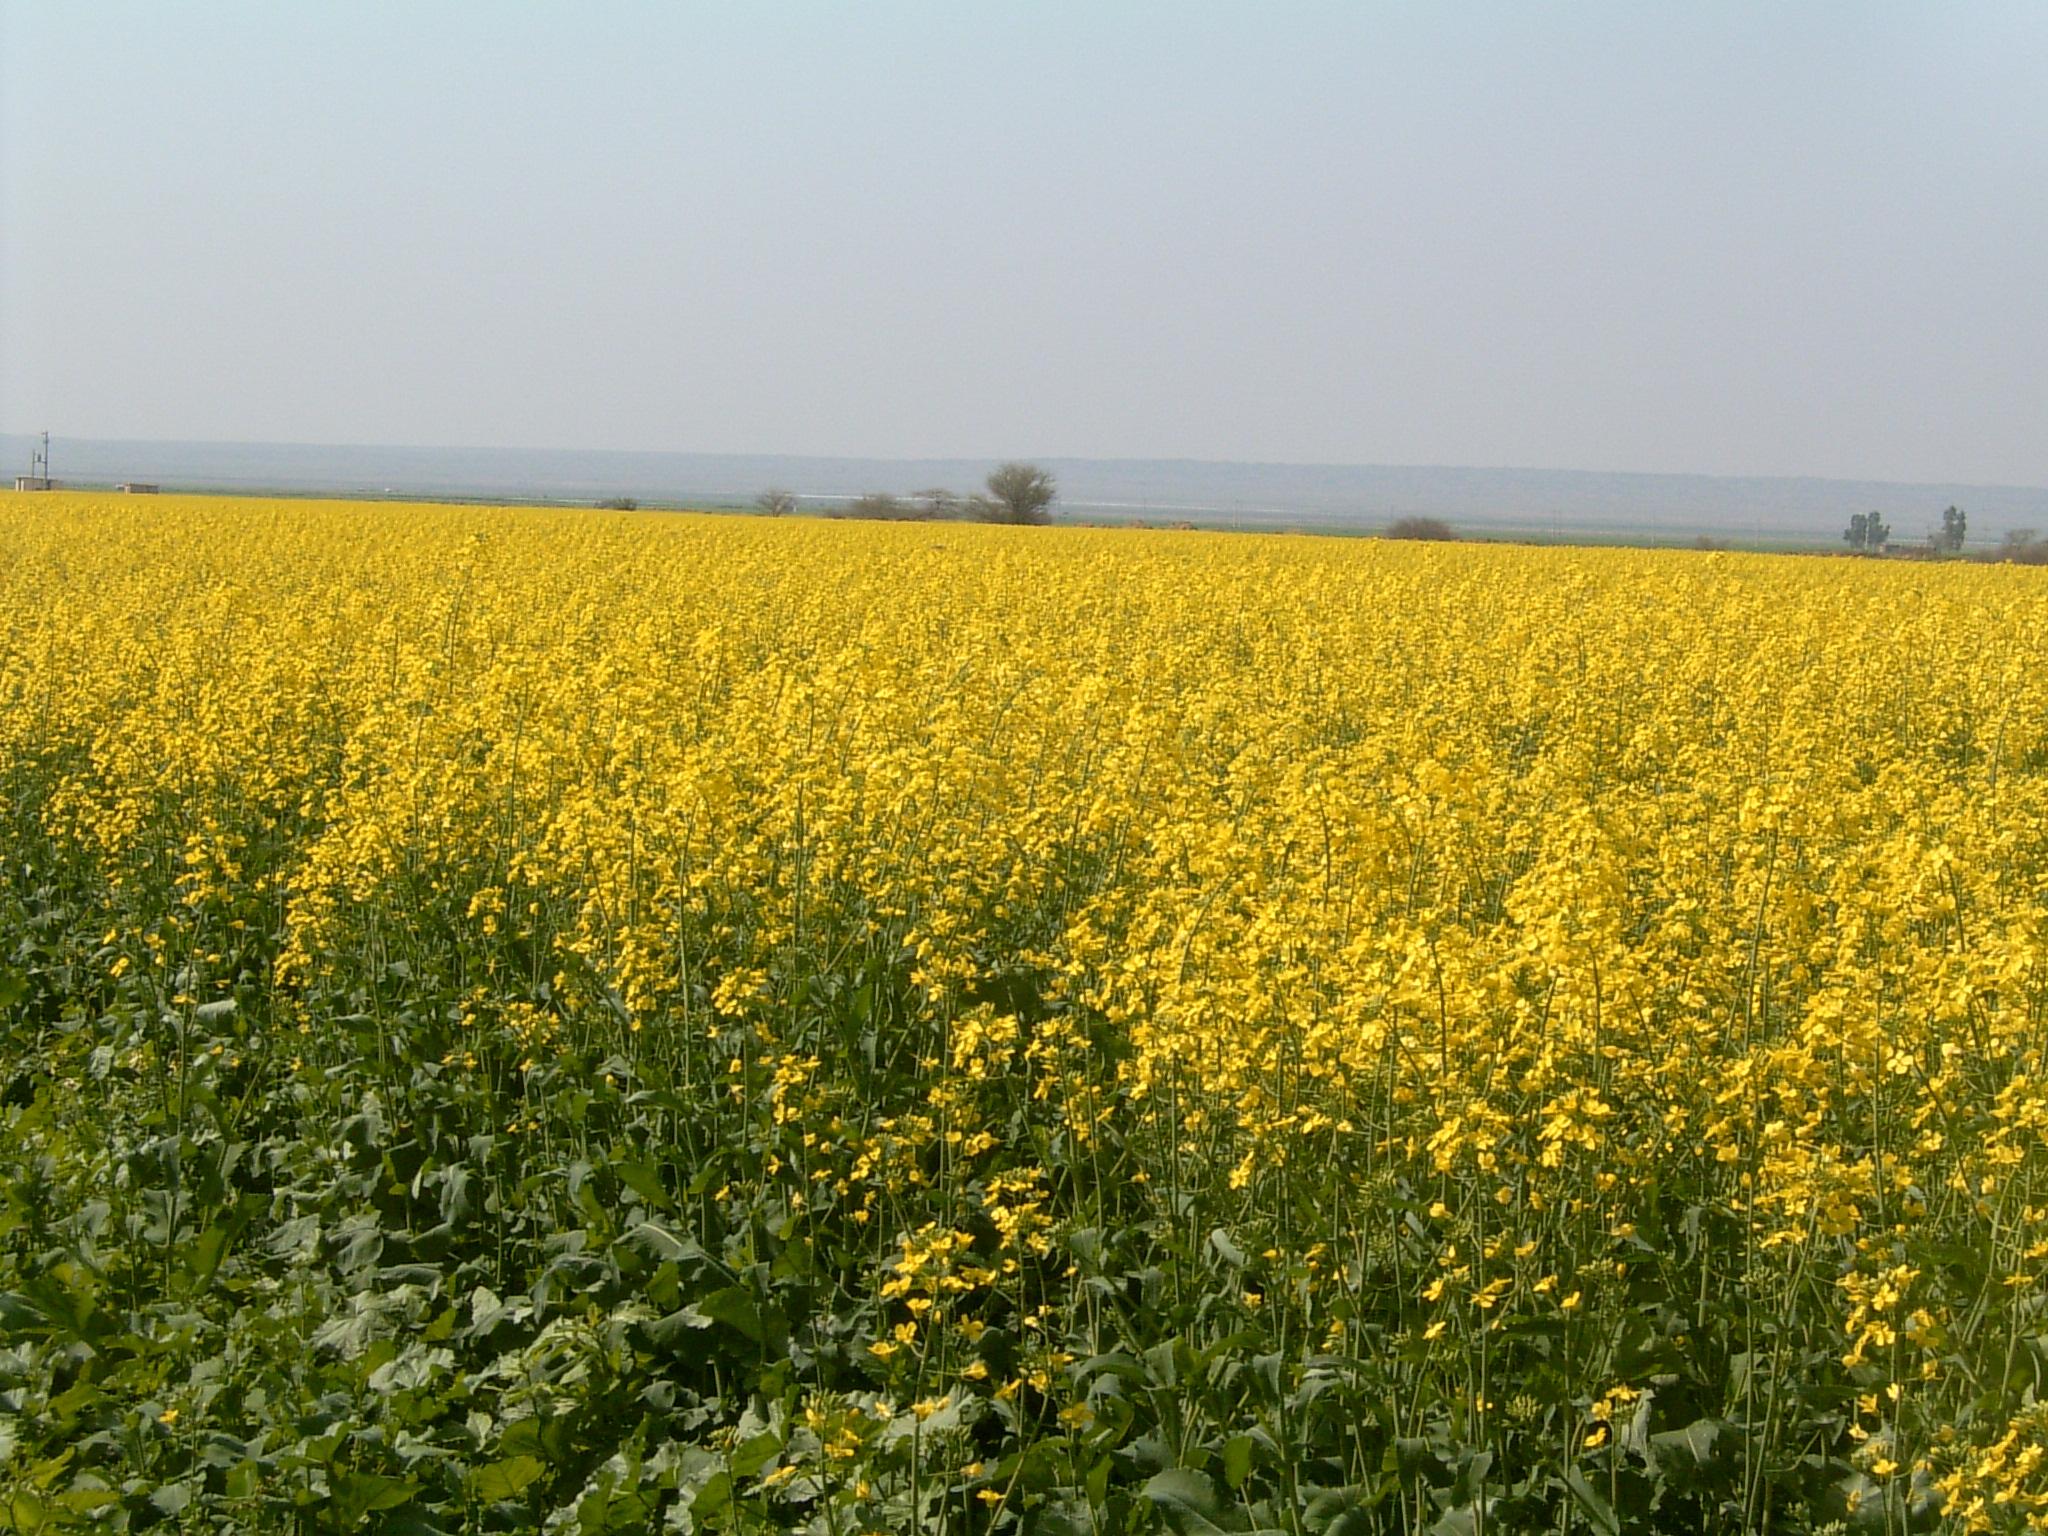 با هدف قطع وابستگی کشور به واردات روغن خوراکی ؛ کارگاه آموزشی کاشت داشت و برداشت دانه روغنی کلزا در منطقه گرم استان فارس در داراب برگزار شد